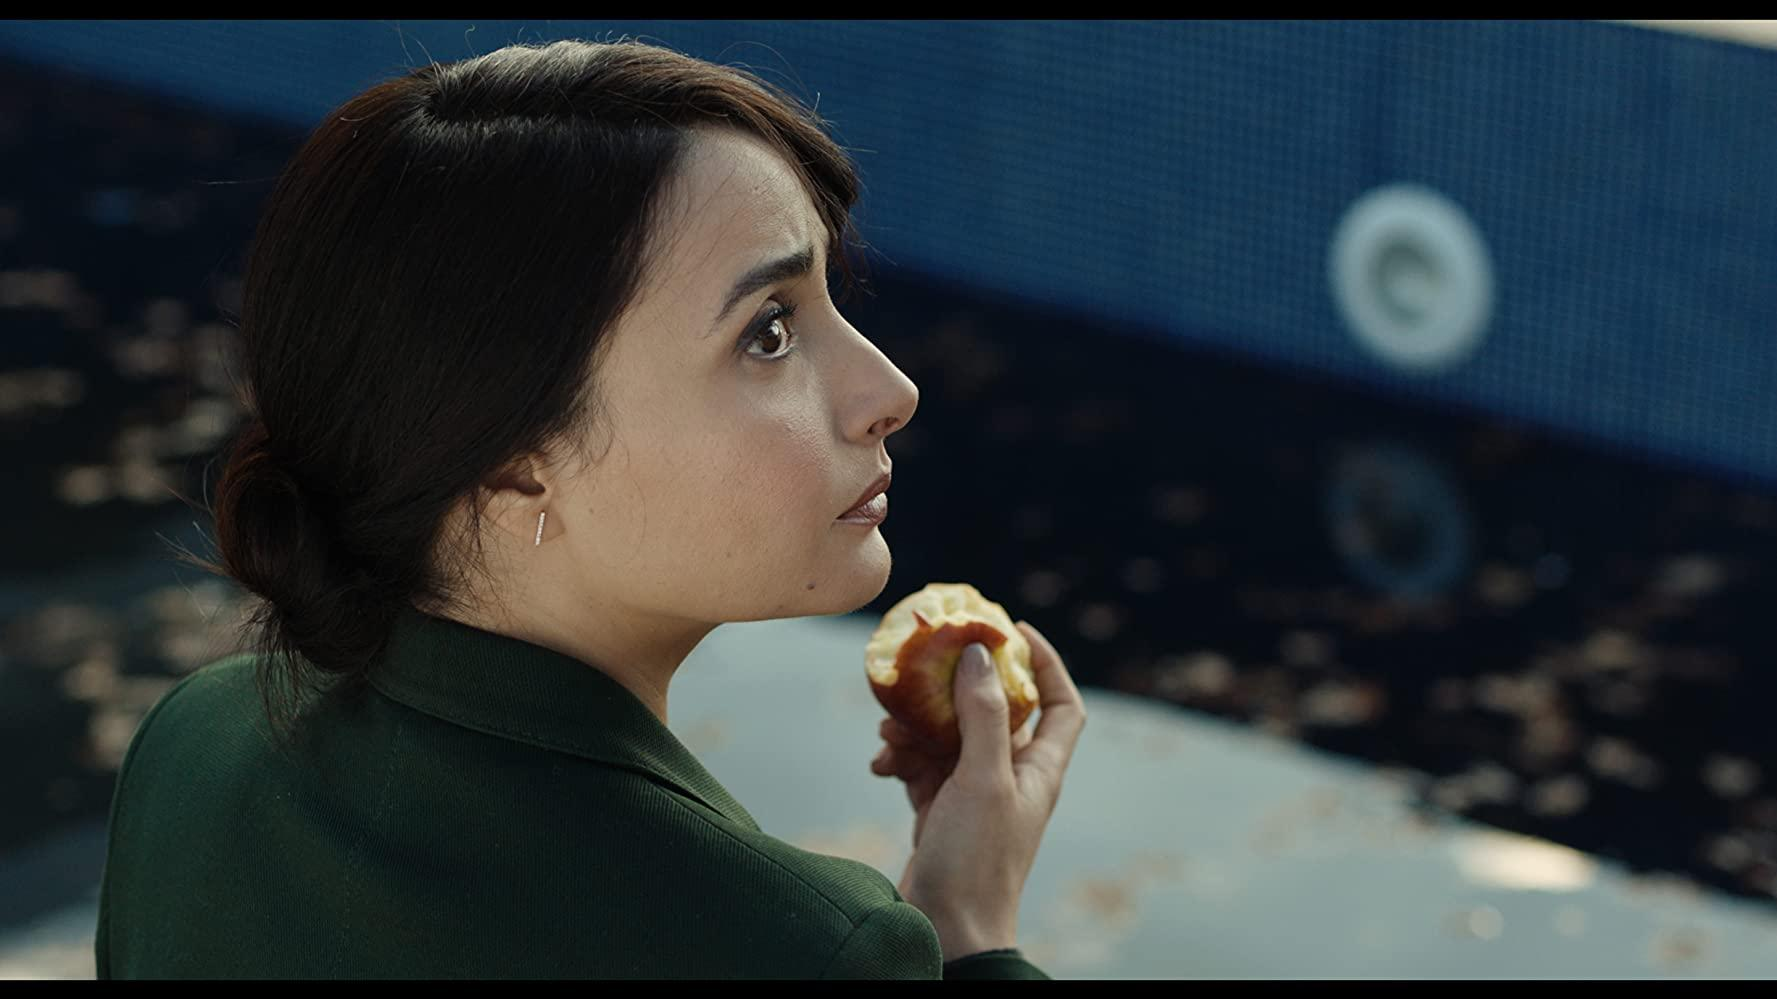 مشاهدة فيلم طلامس (2019) HD اون لاين